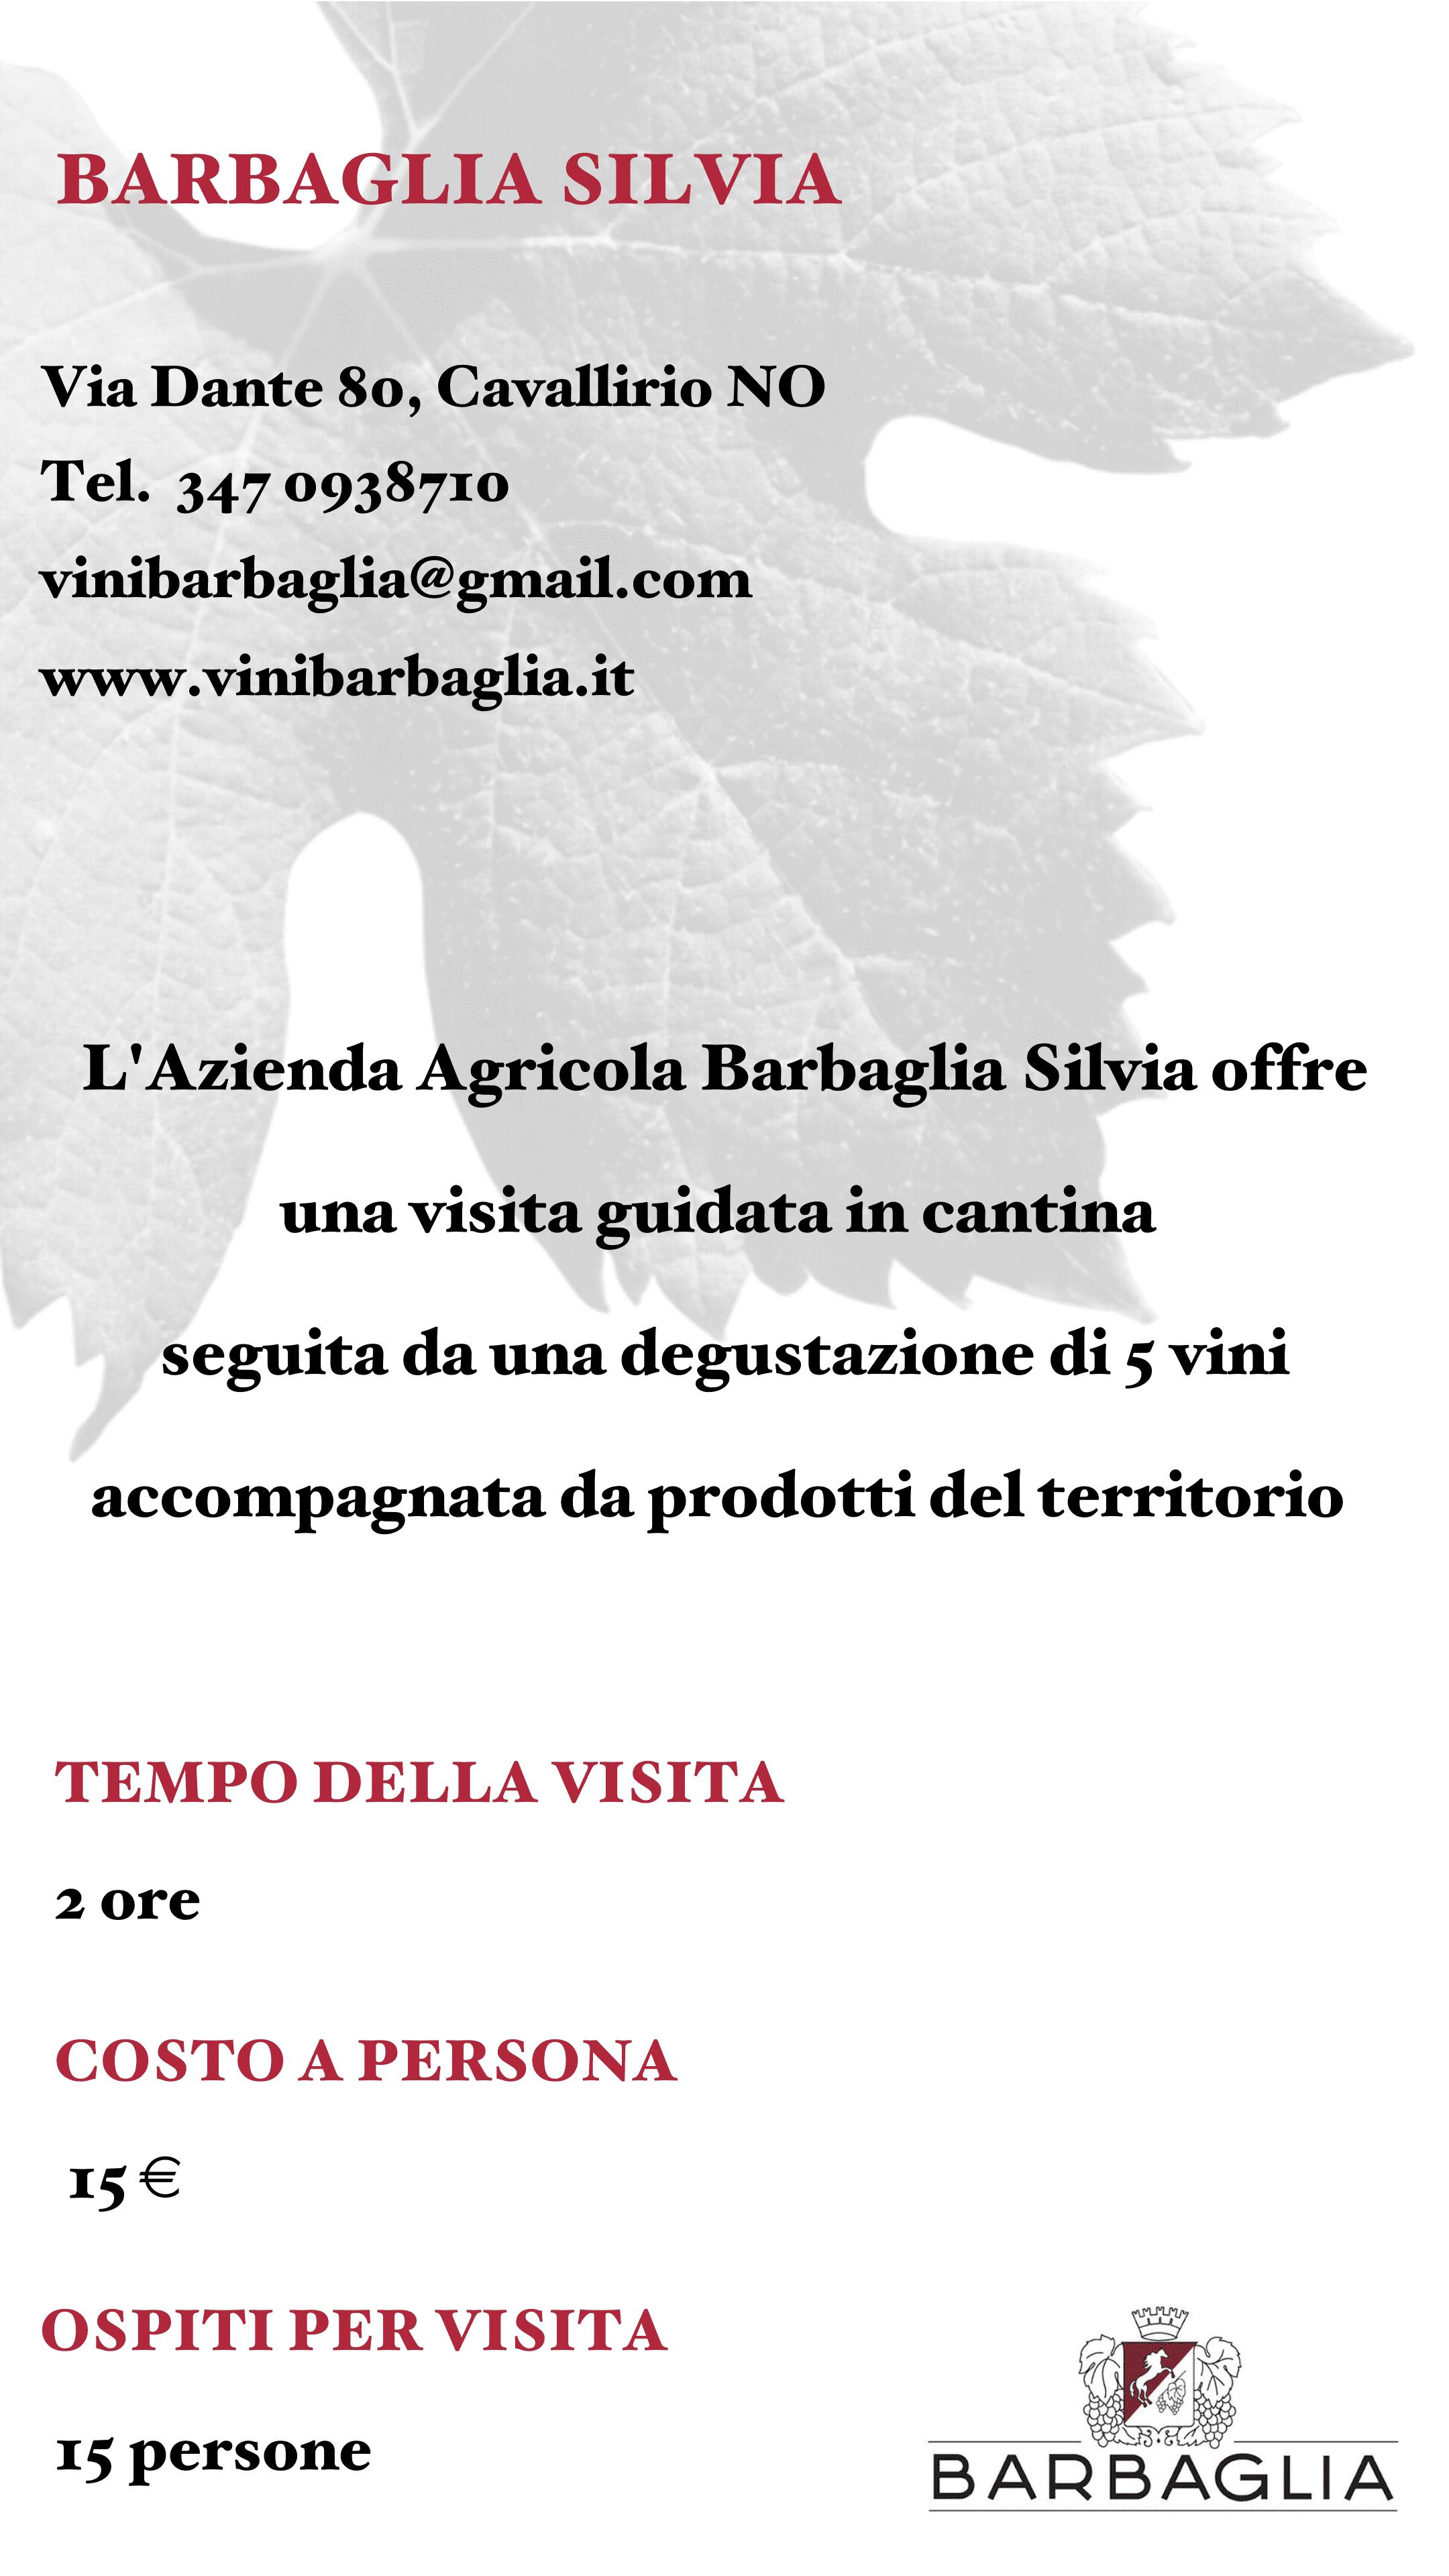 Barbaglia Silvia